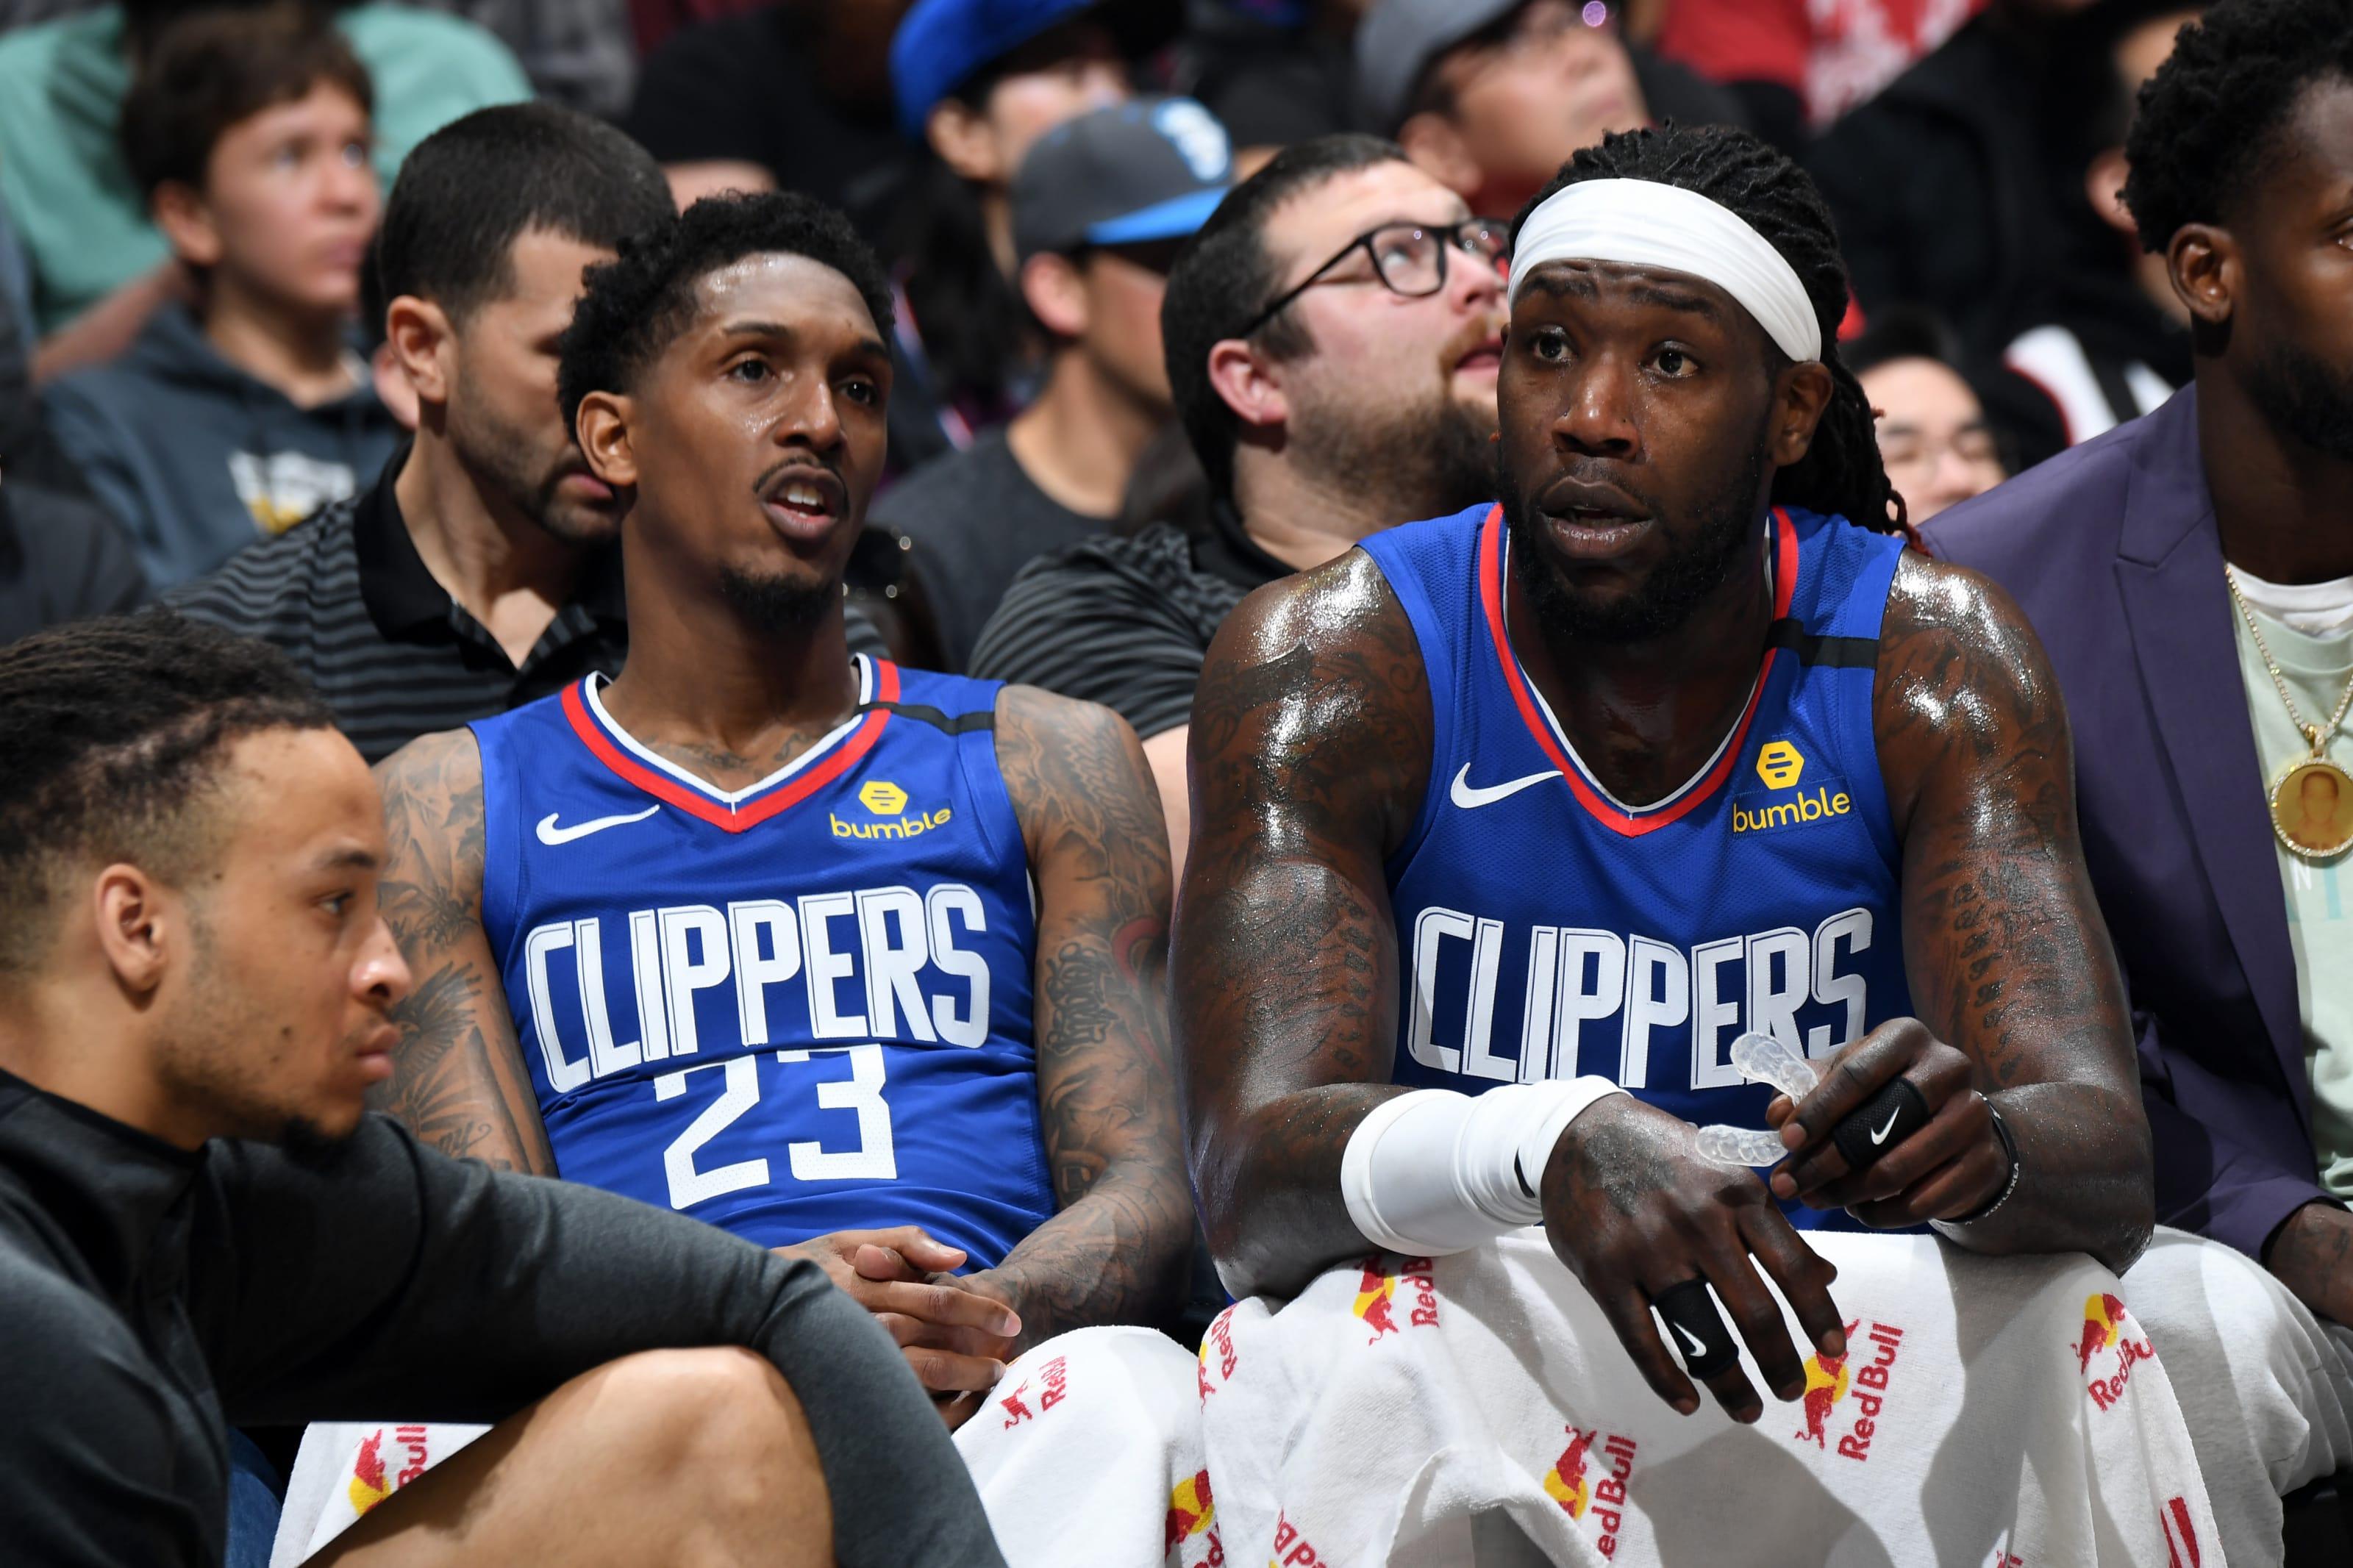 NBA LA Clippers Lou Williams Montrezl Harrell